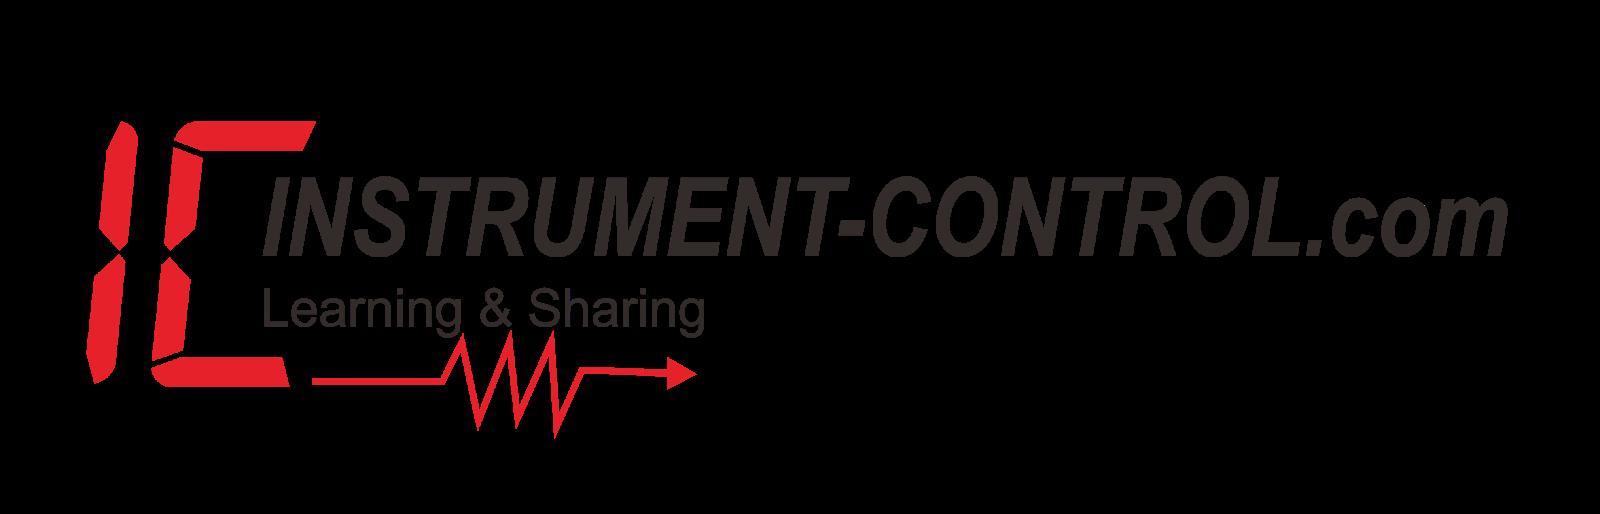 INSTRUMENT-CONTROL.com